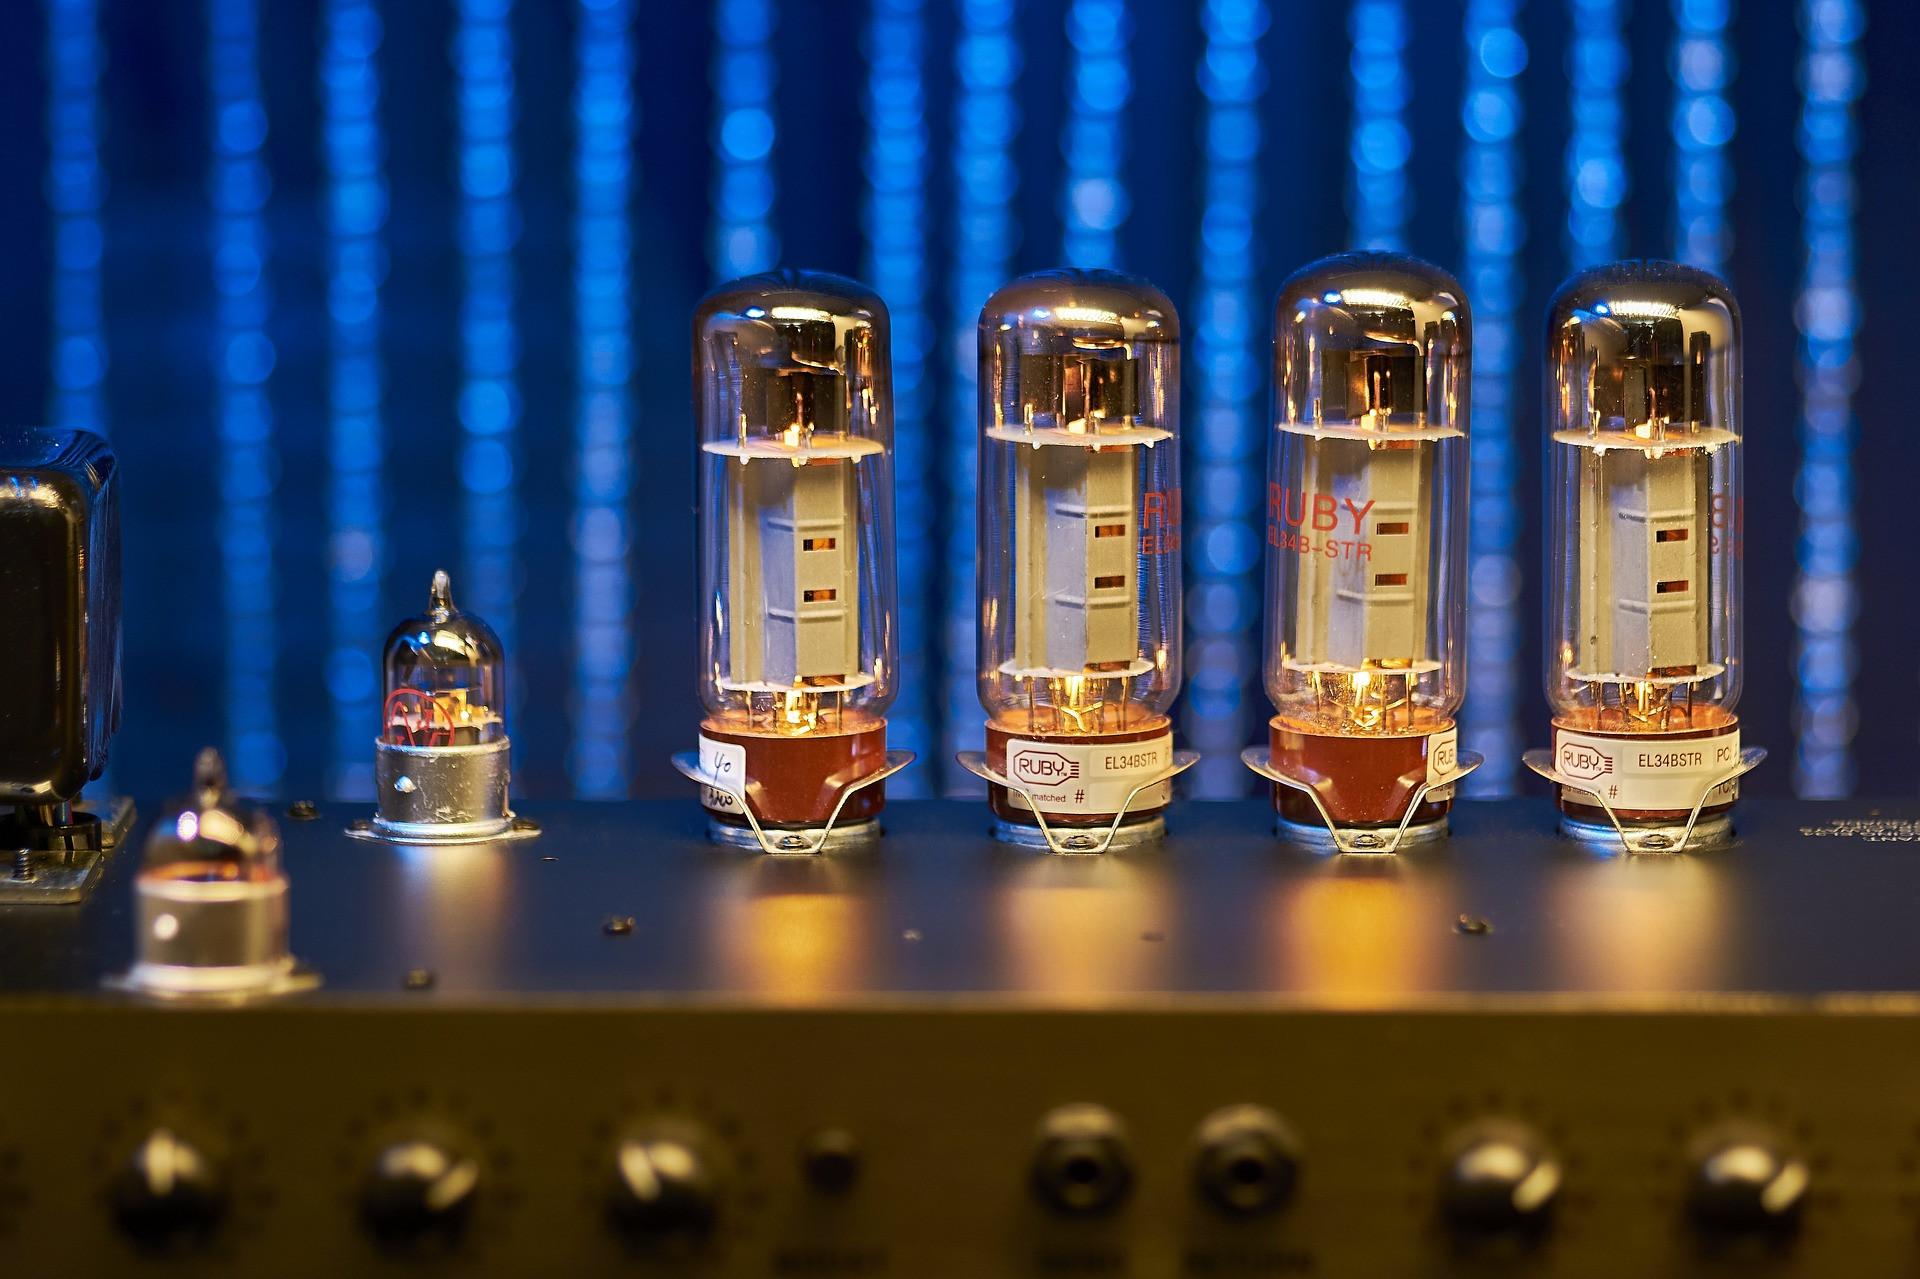 很多音響初哥覺得膽機很有型,炫耀空間大,甚至借此打壓音響門外漢(Shutterstock)